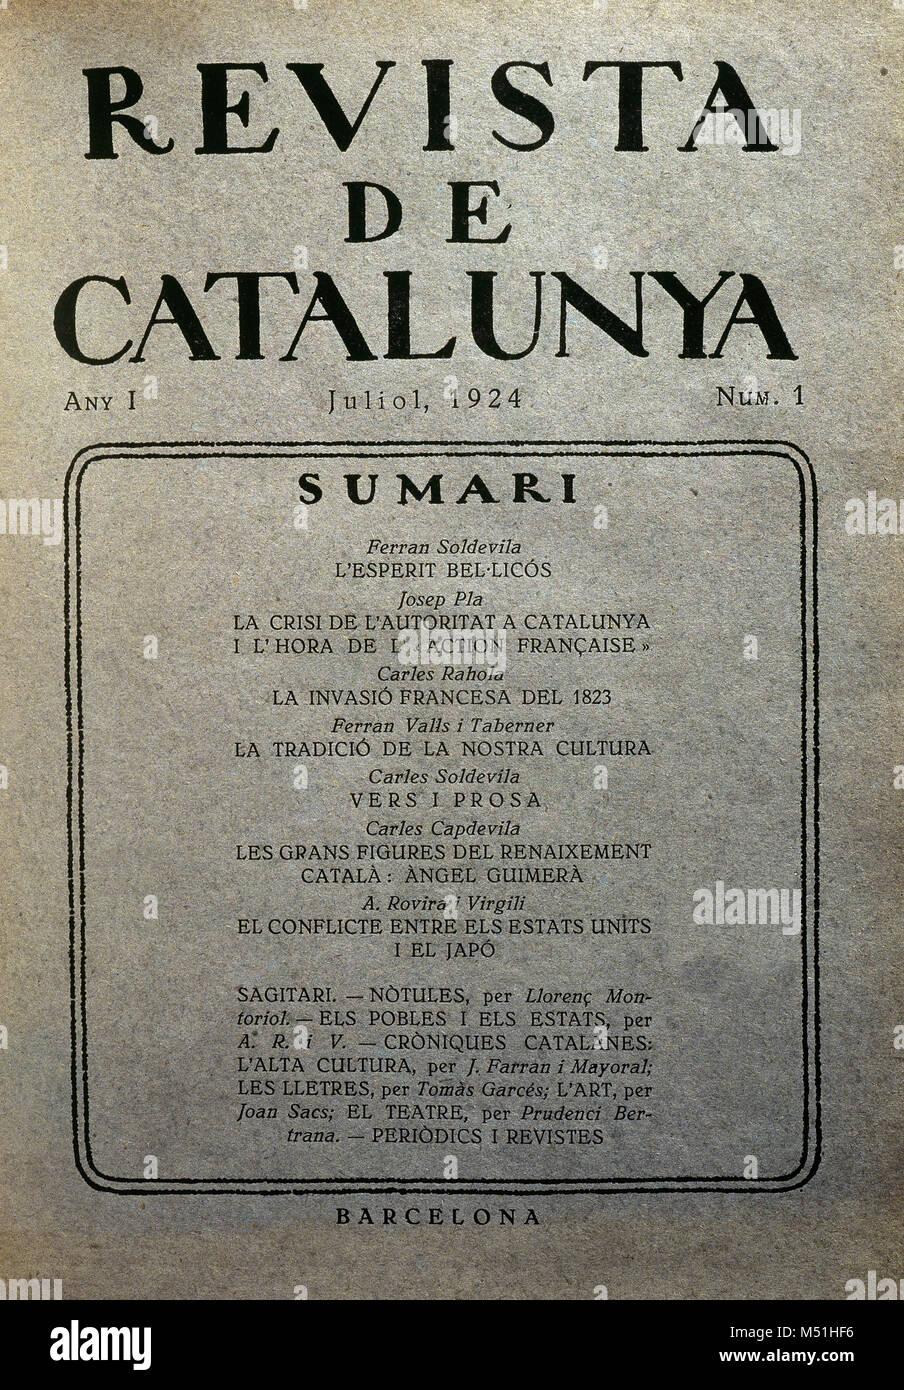 La Revista de Catalunya. Revista mensual editada en Barcelona por Antoni Rovira i Virgili (1882-1949). Fue fundada Imagen De Stock